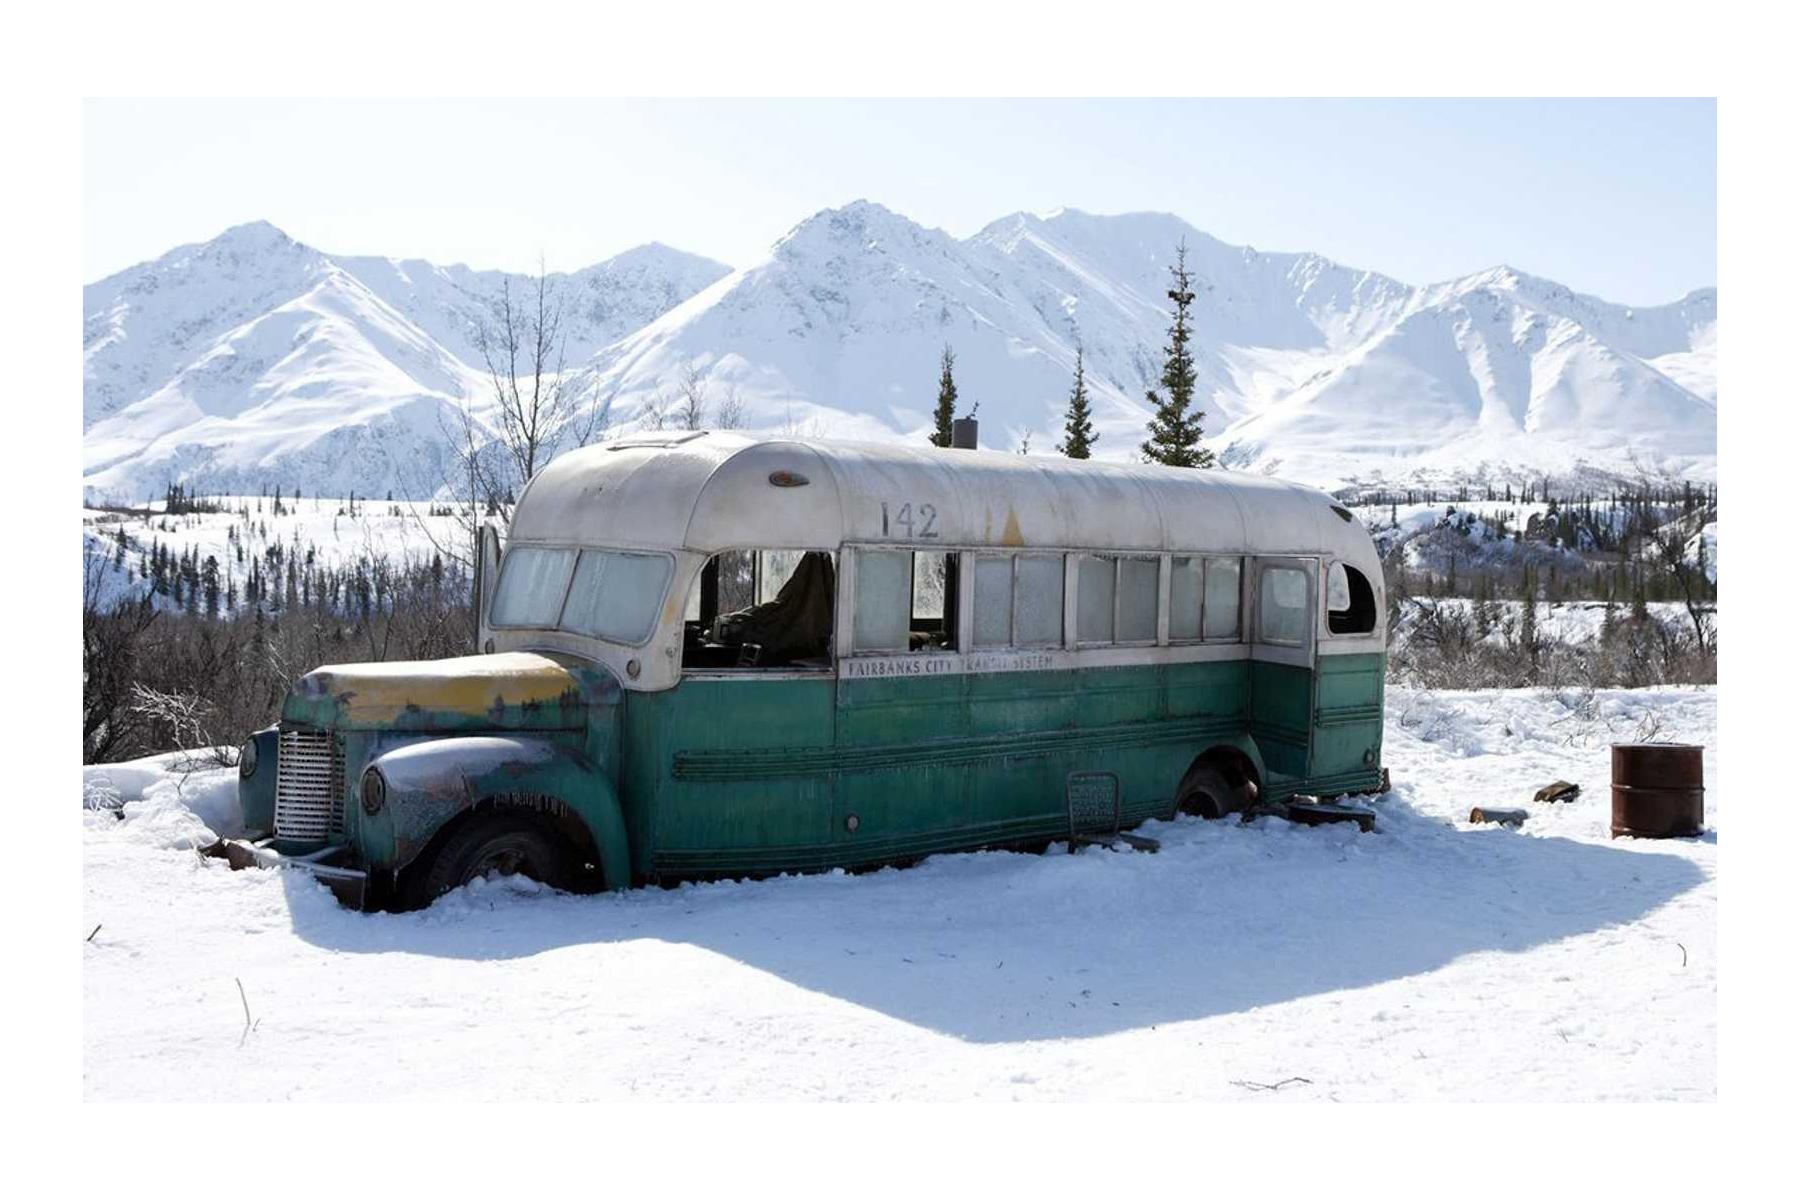 Magic-Bus-snowy-1800x1200-1.jpg